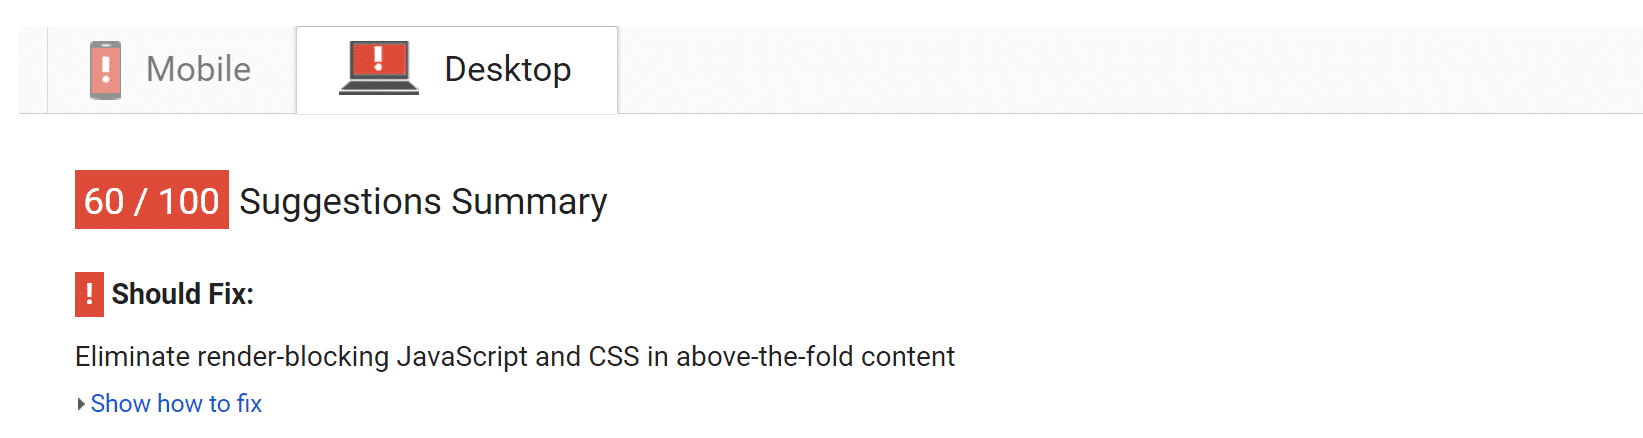 Elimina JavaScript e CSS che bloccano la visualizzazione nei contenuti above-the-fold